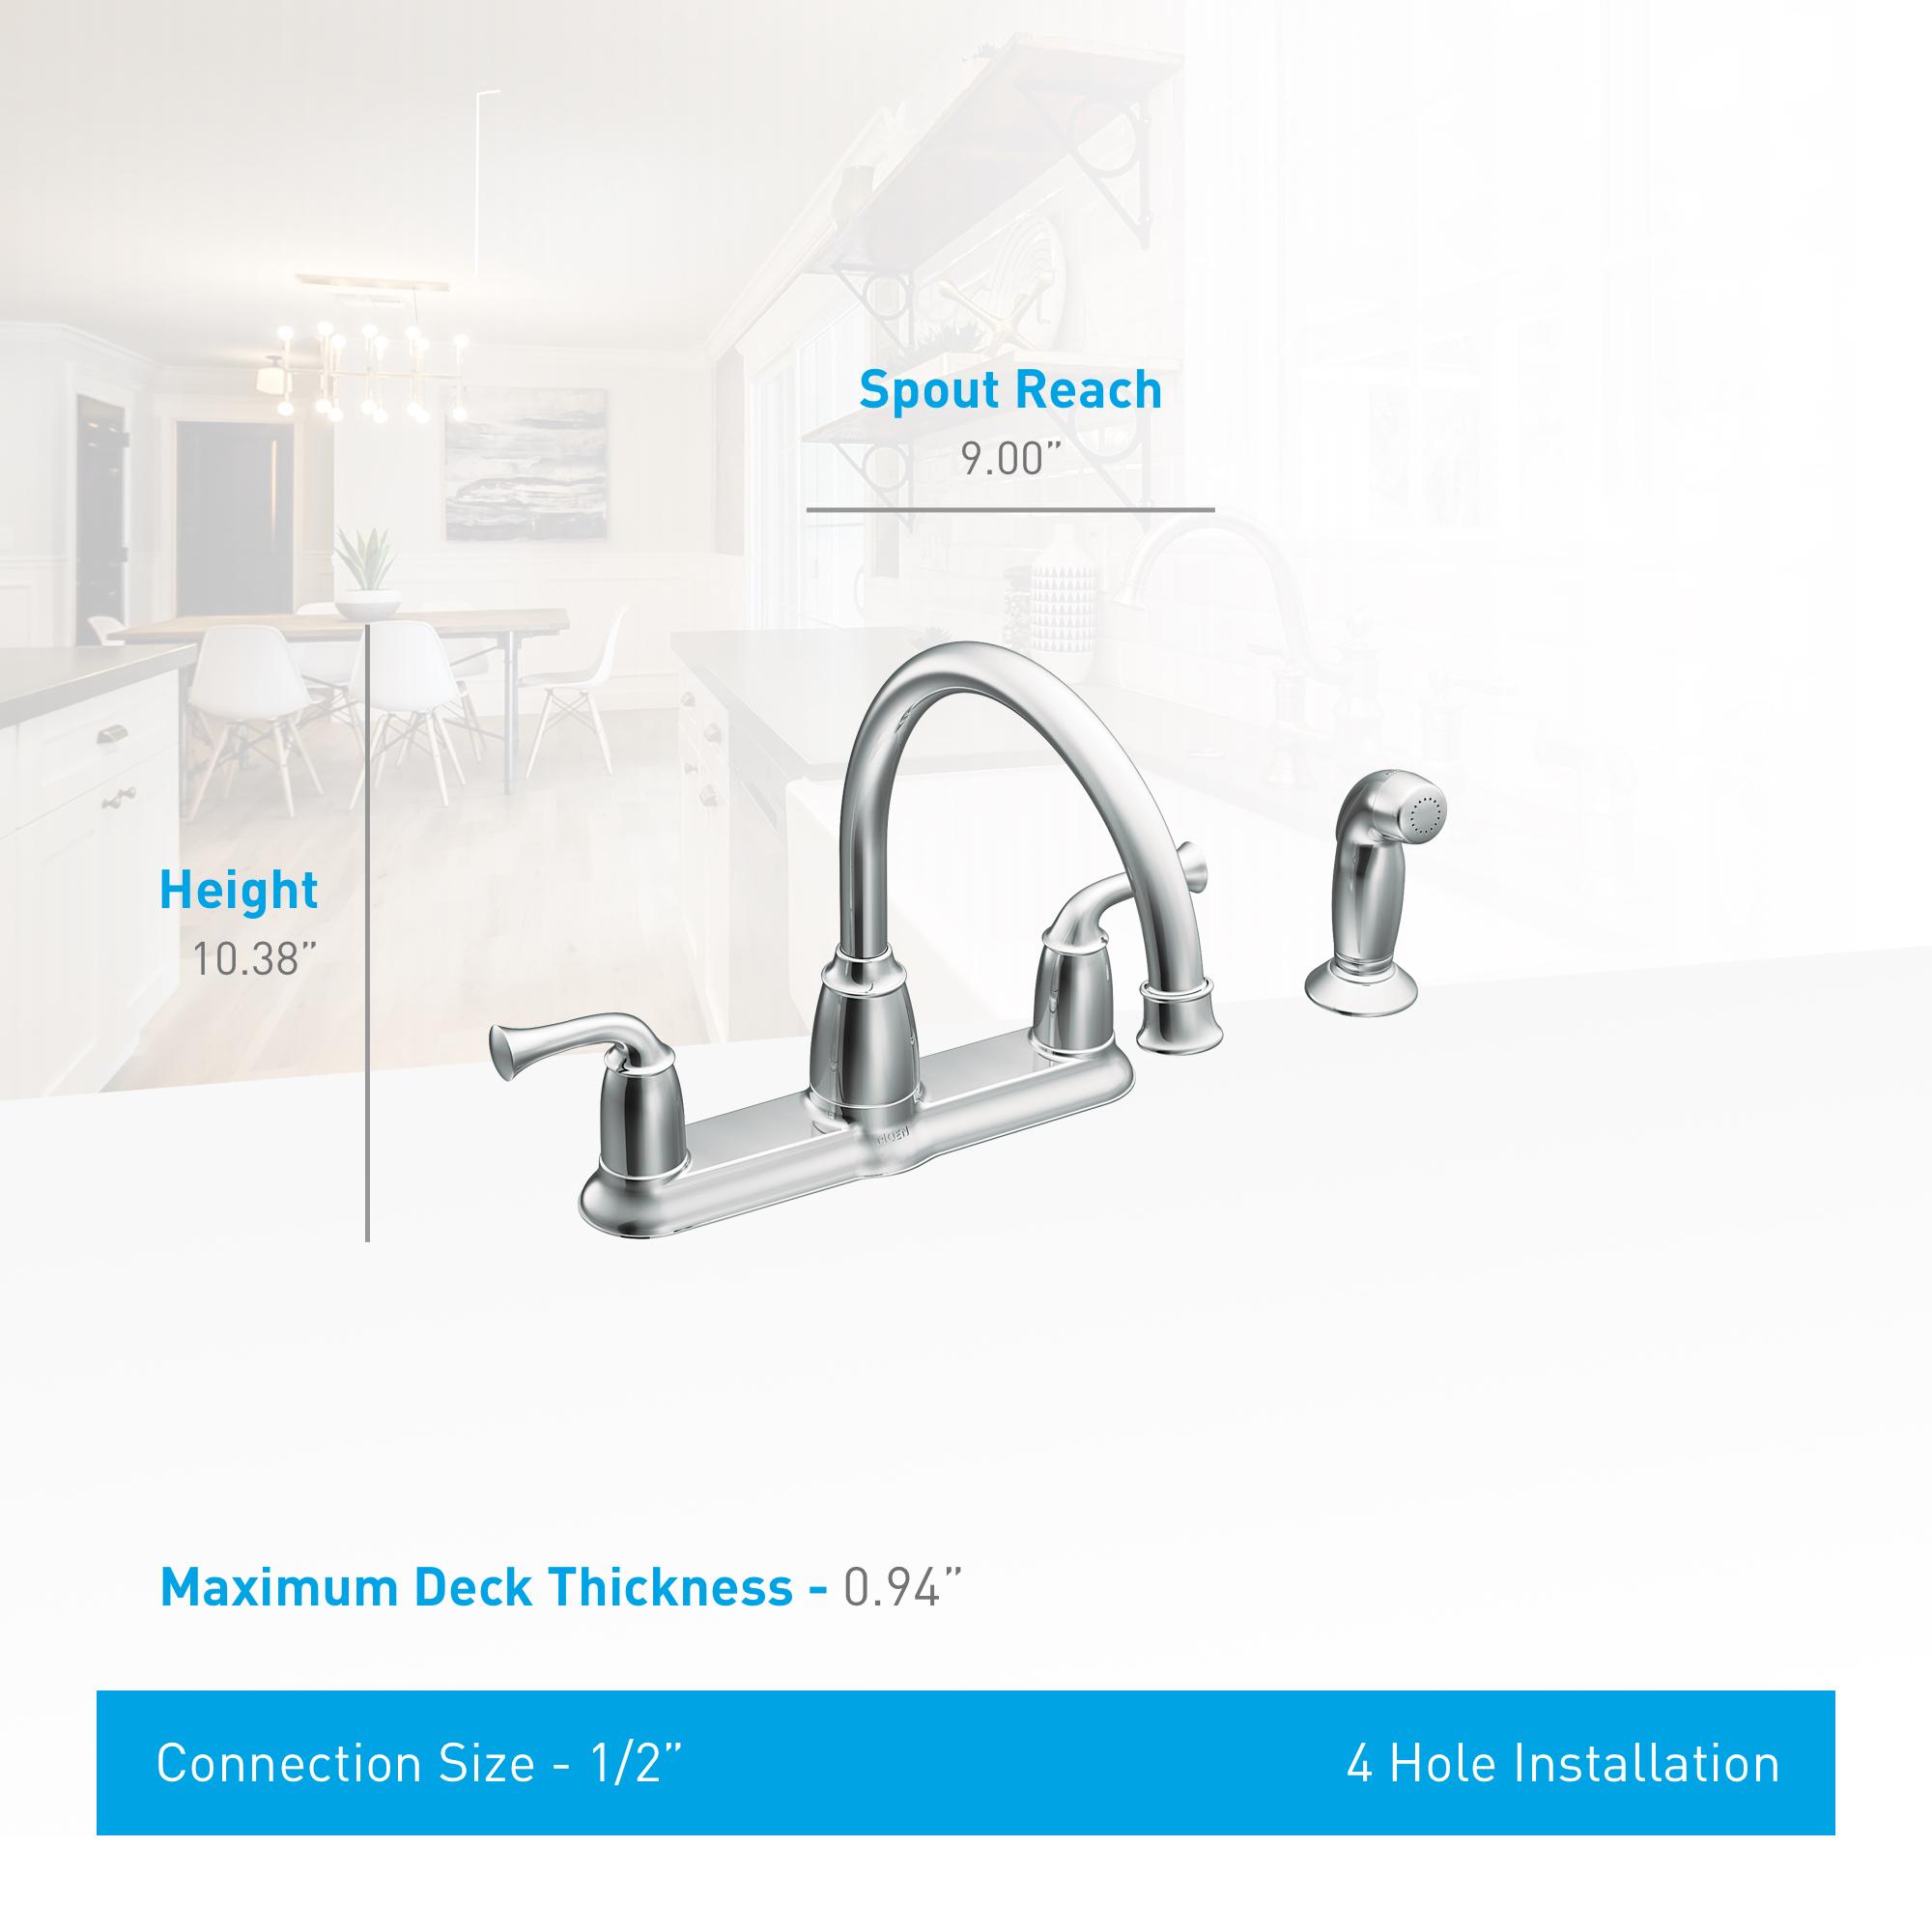 depot arbor faucets gooseneck motion sensor faucet pwahec kitchen at dazzling f com for home org sense lowes moen ideas